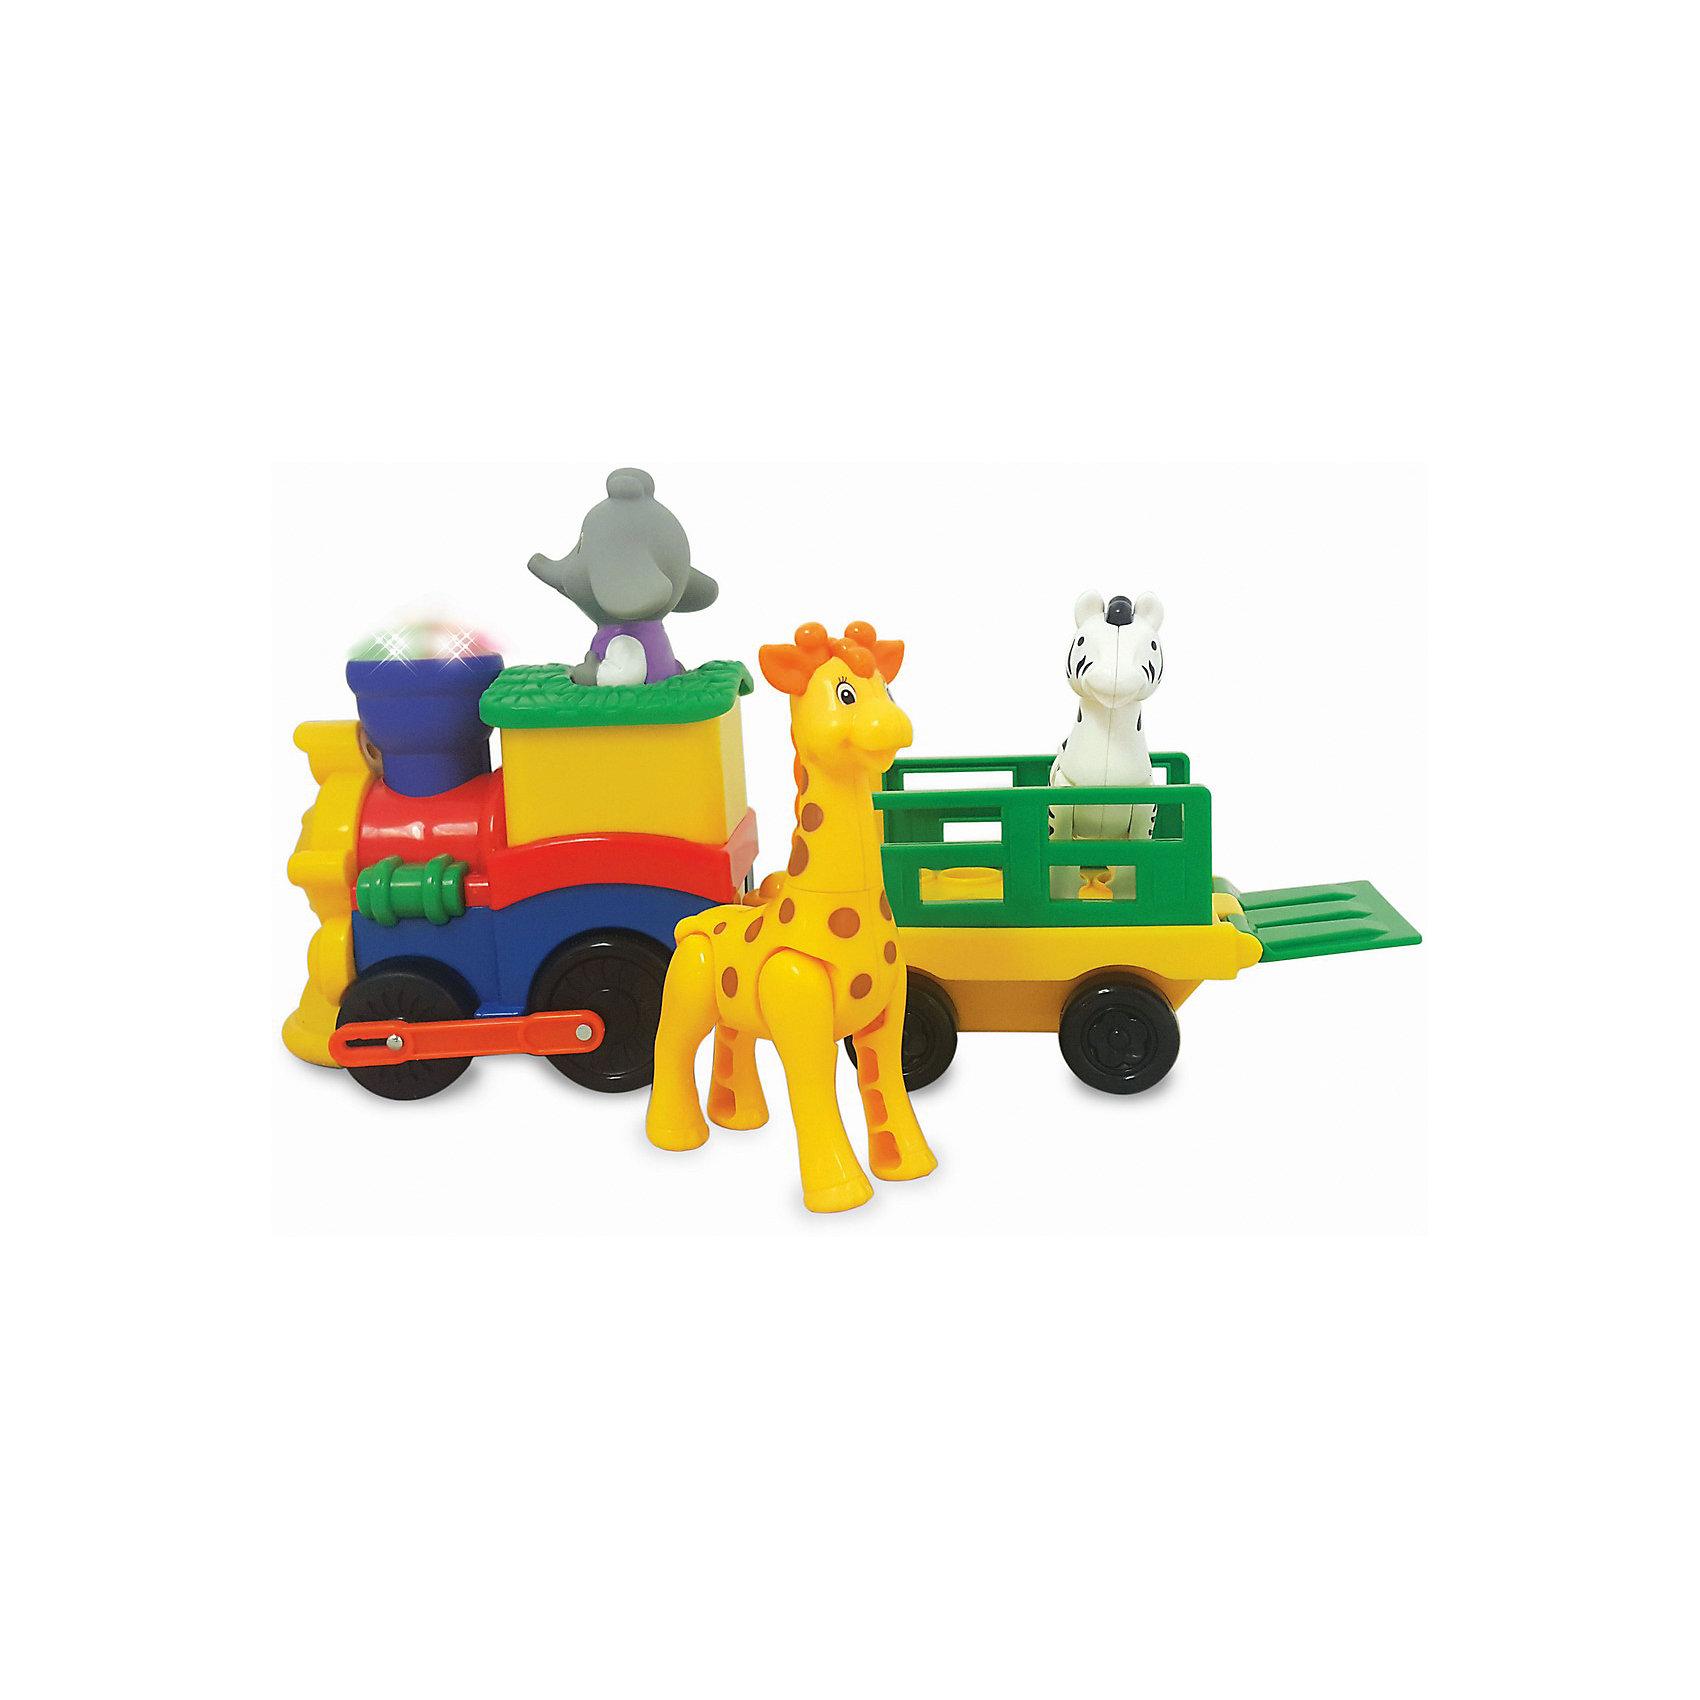 Развивающая игрушка Паровозик Сафари, KiddielandРазвивающие игрушки<br>Развивающая игрушка Паровозик Сафари, Kiddieland (Киддилэнд).<br><br>Характеристики:<br><br>- Комплектация: паровозик, слоненок машинист, жираф, зебра<br>- Материал: пластик<br>- Батарейки: 3 х АА<br>- Размер паровозика: 30х19х11,5 см.<br><br>Яркая развивающая игрушка «Паровозик сафари» от Kiddieland (Киддилэнд) станет отличным подарком для каждого ребенка. При нажатии на специальную кнопку поезд начинает движение и издает забавные звуки, а также зажигаются разноцветные огоньки. Управляет паровозиком съемный слоненок машинист, а в вагоне, прицепленном к локомотиву, с удобством разместились жираф и зебра. Игрушка выполнена из качественных и безопасных для здоровья детей материалов. Игры с паровозиком способствуют развитию внимания, фантазии, логического мышления, цветового и звукового восприятия, мелкой моторики рук.<br><br>Развивающую игрушку Паровозик Сафари, Kiddieland (Киддилэнд) можно купить в нашем интернет-магазине.<br><br>Ширина мм: 340<br>Глубина мм: 110<br>Высота мм: 150<br>Вес г: 1000<br>Возраст от месяцев: 12<br>Возраст до месяцев: 36<br>Пол: Унисекс<br>Возраст: Детский<br>SKU: 5054106